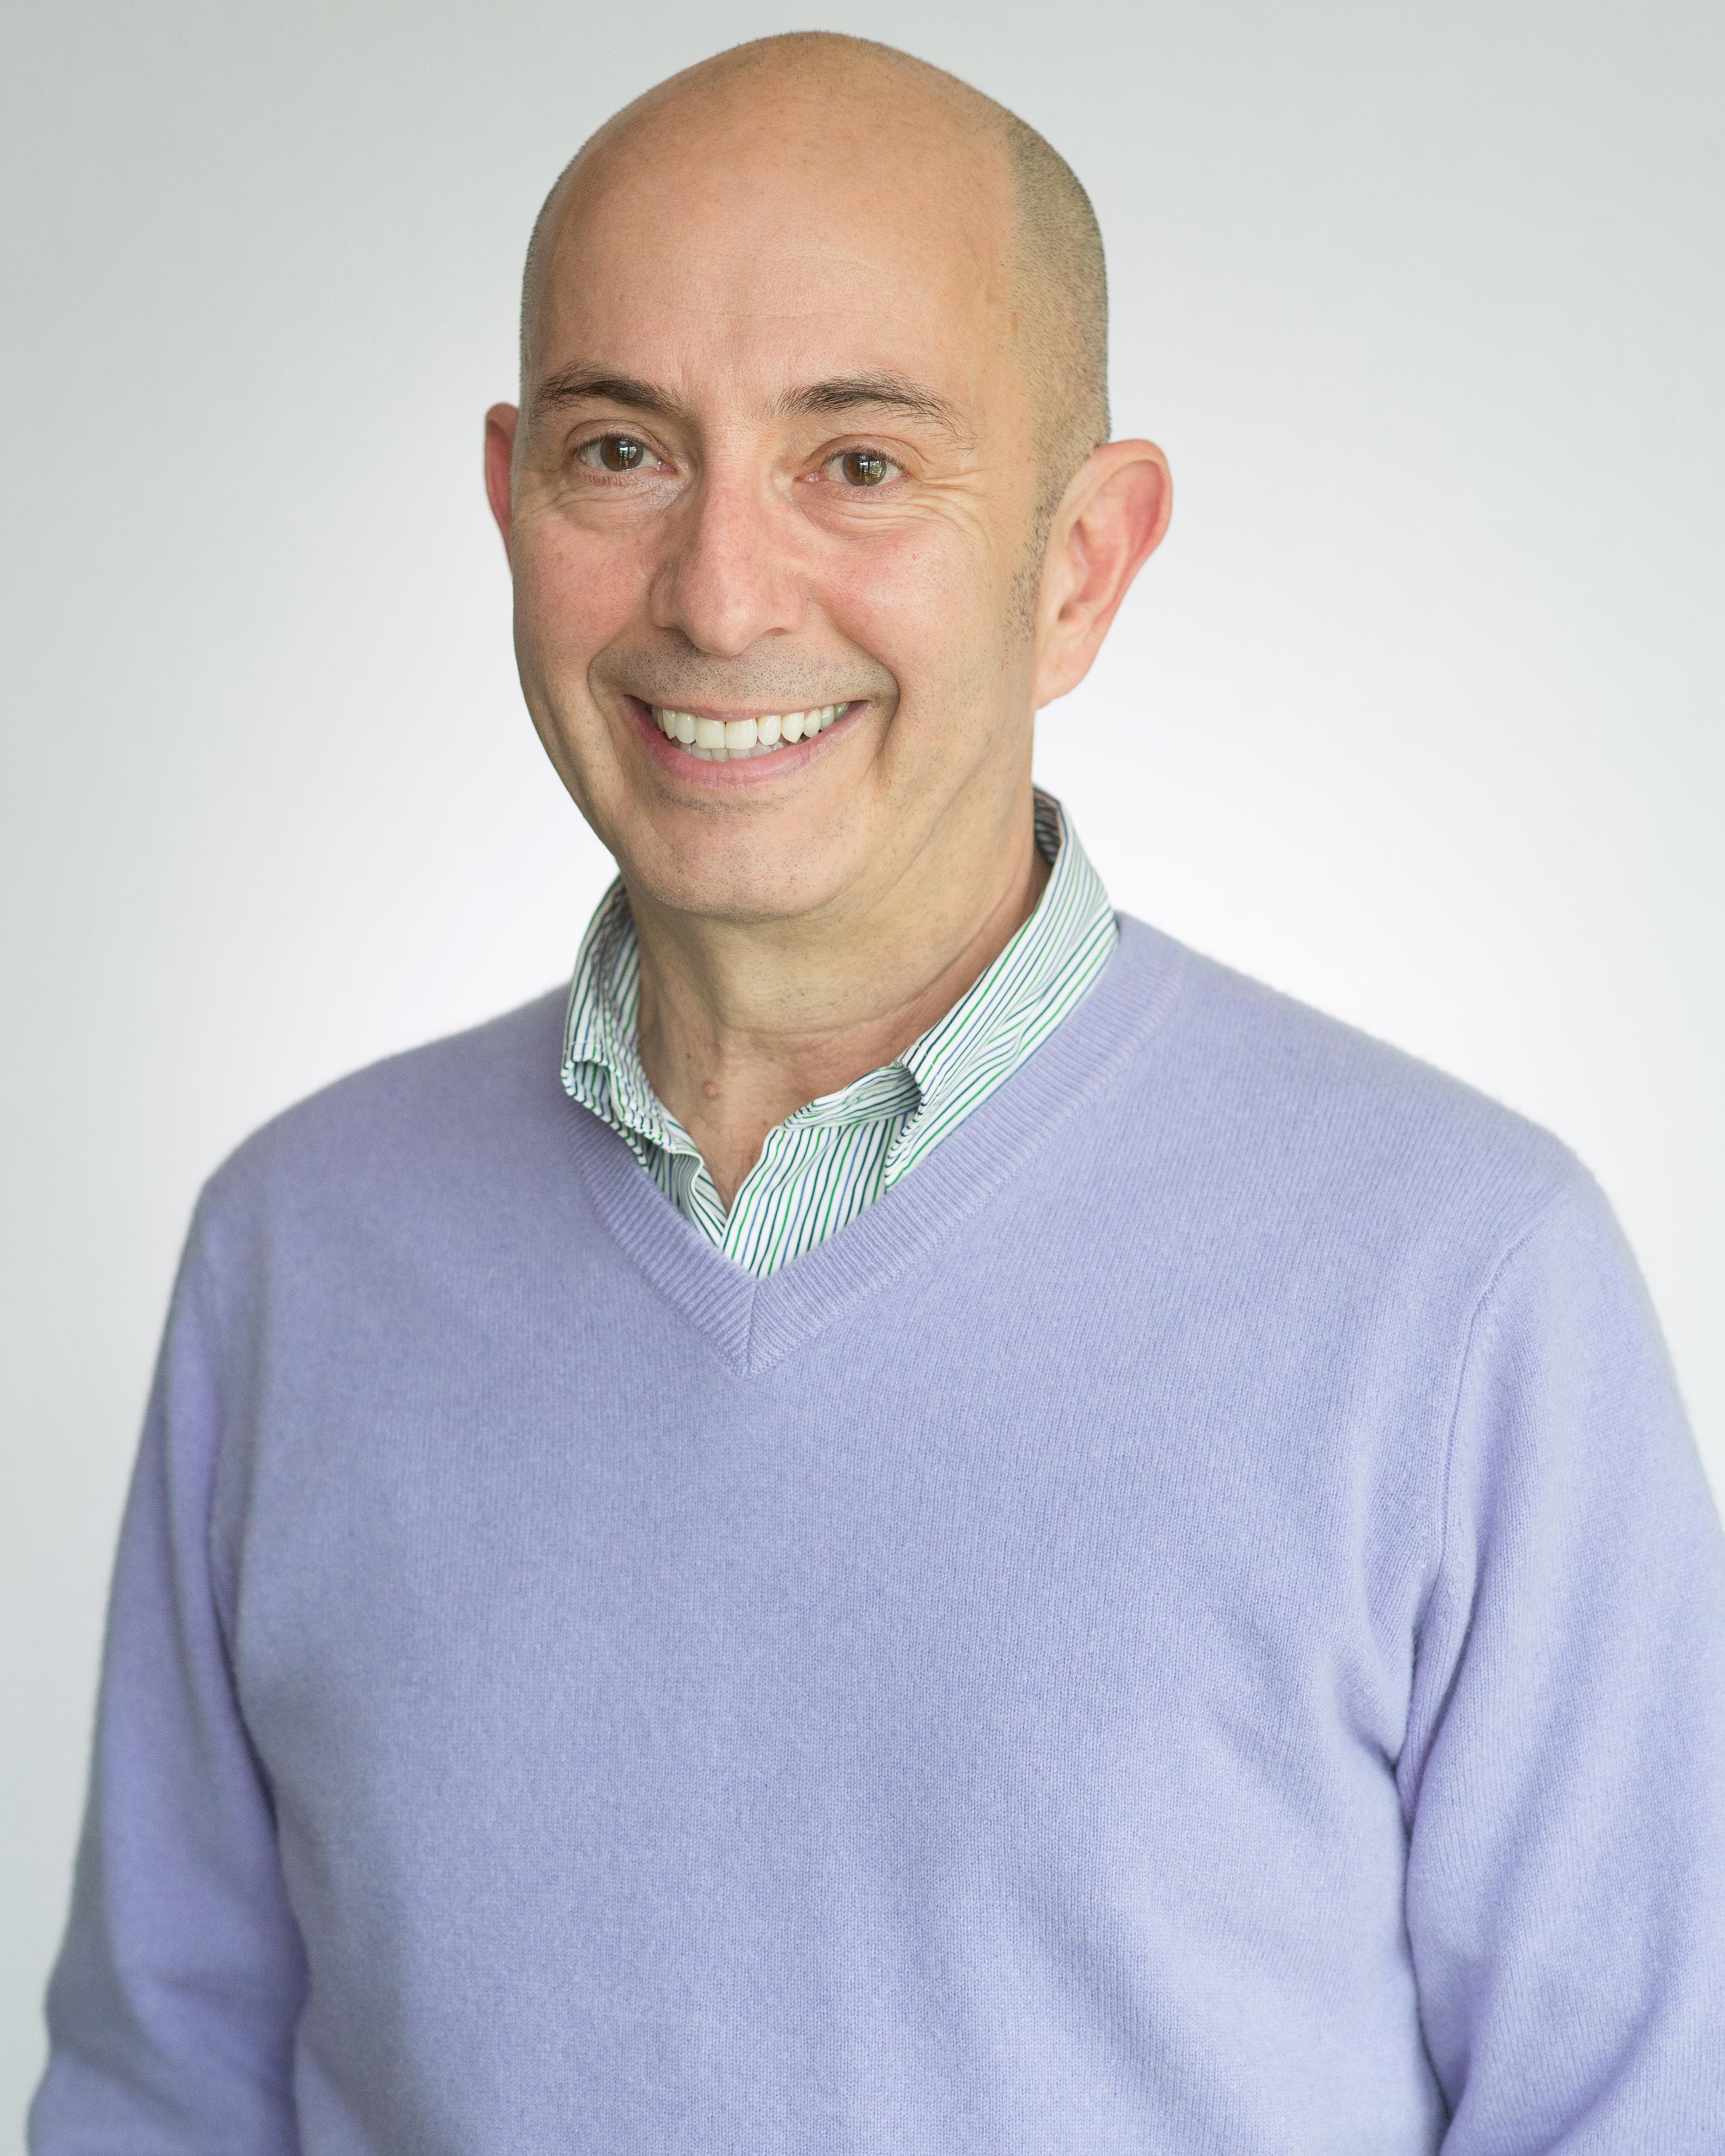 Scott Gailhouse